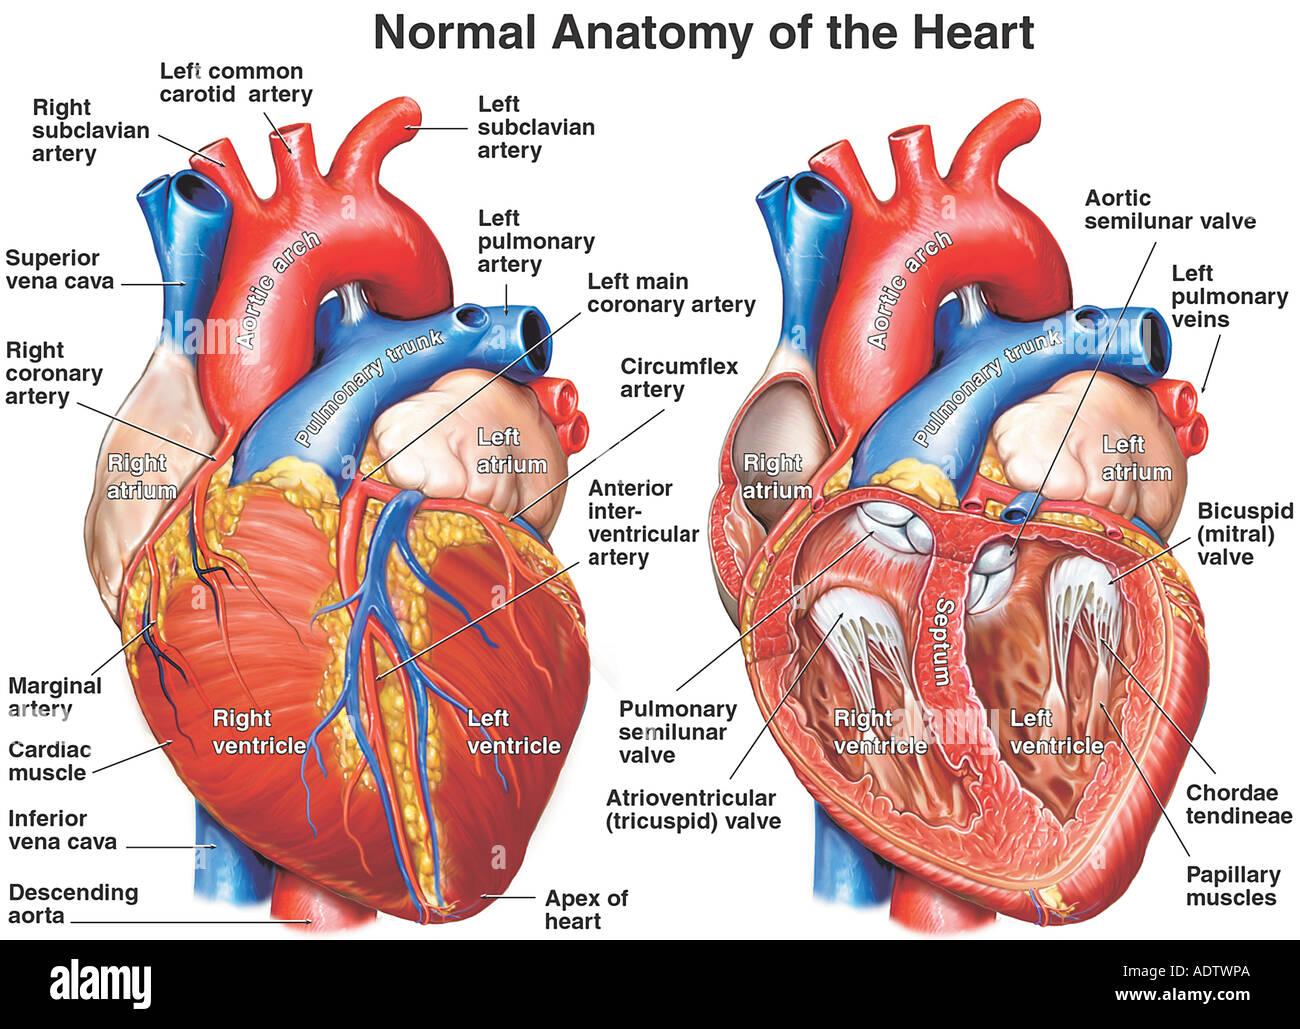 Anatomie des Herzens Stockfoto, Bild: 7710505 - Alamy